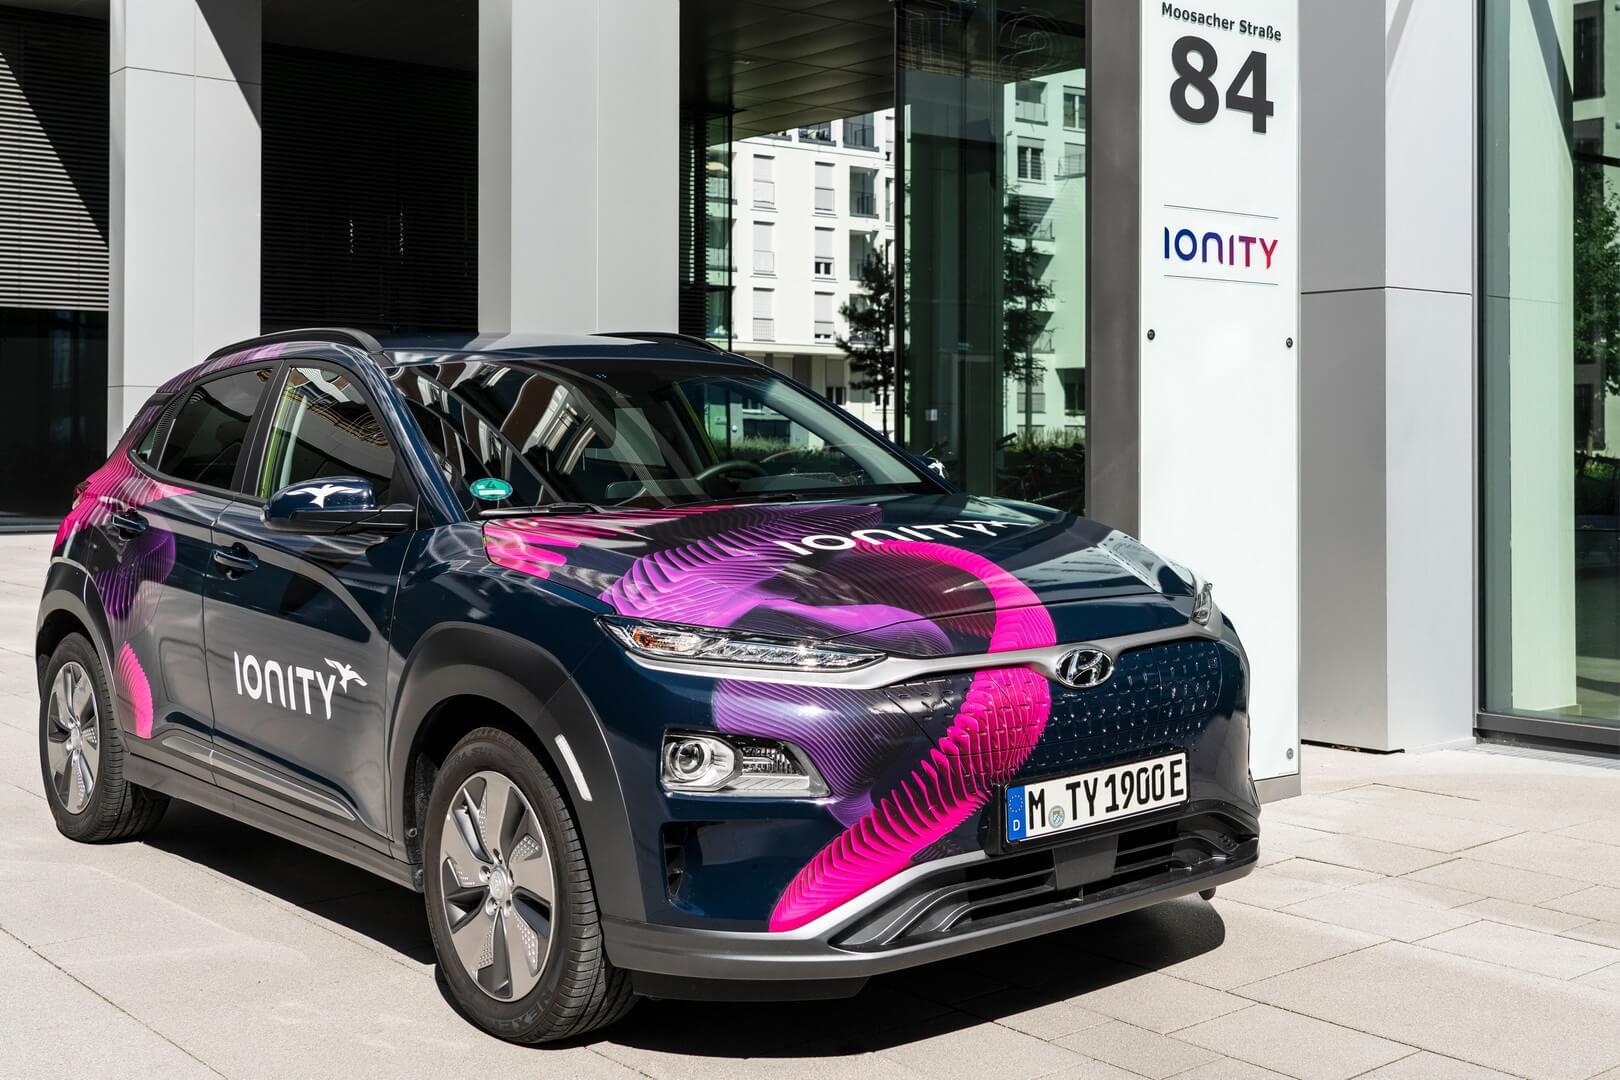 Електромобілі Hyundai отримають 800-вольтную зарядну систему з 2021 року